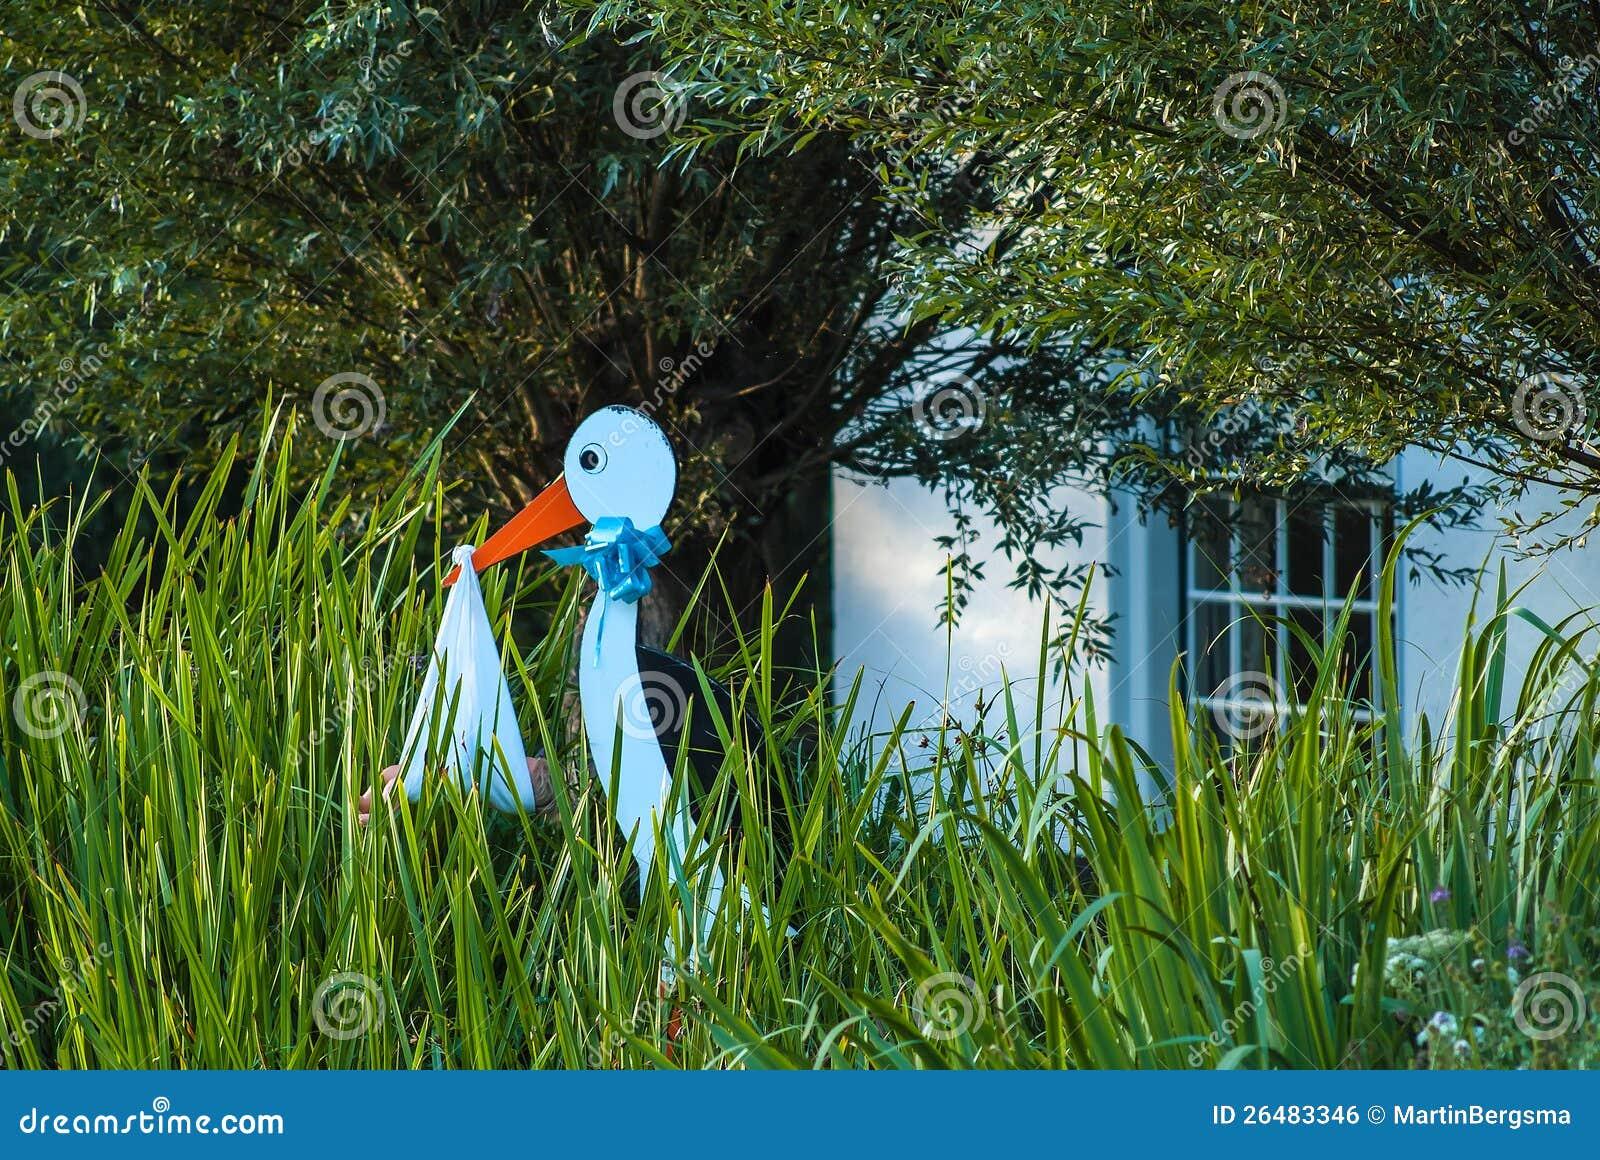 Bambino di legno della holding della cicogna per - Cicogna da giardino per nascita ...